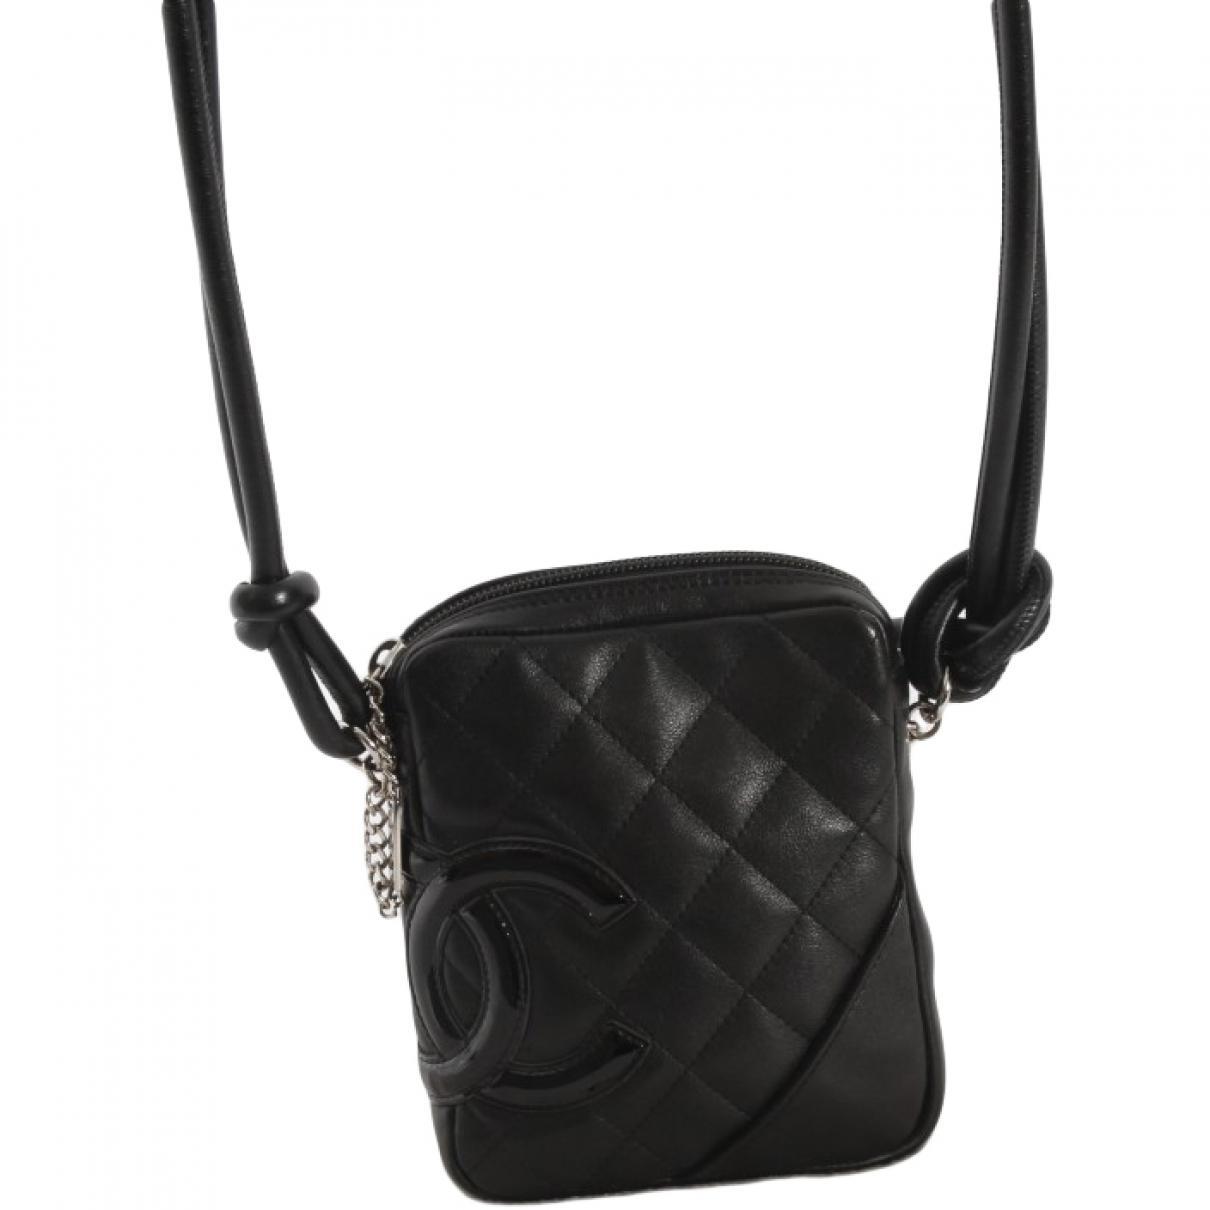 6195ddd007c047 Chanel Pre-owned Cambon Crossbody Bag in Black - Lyst